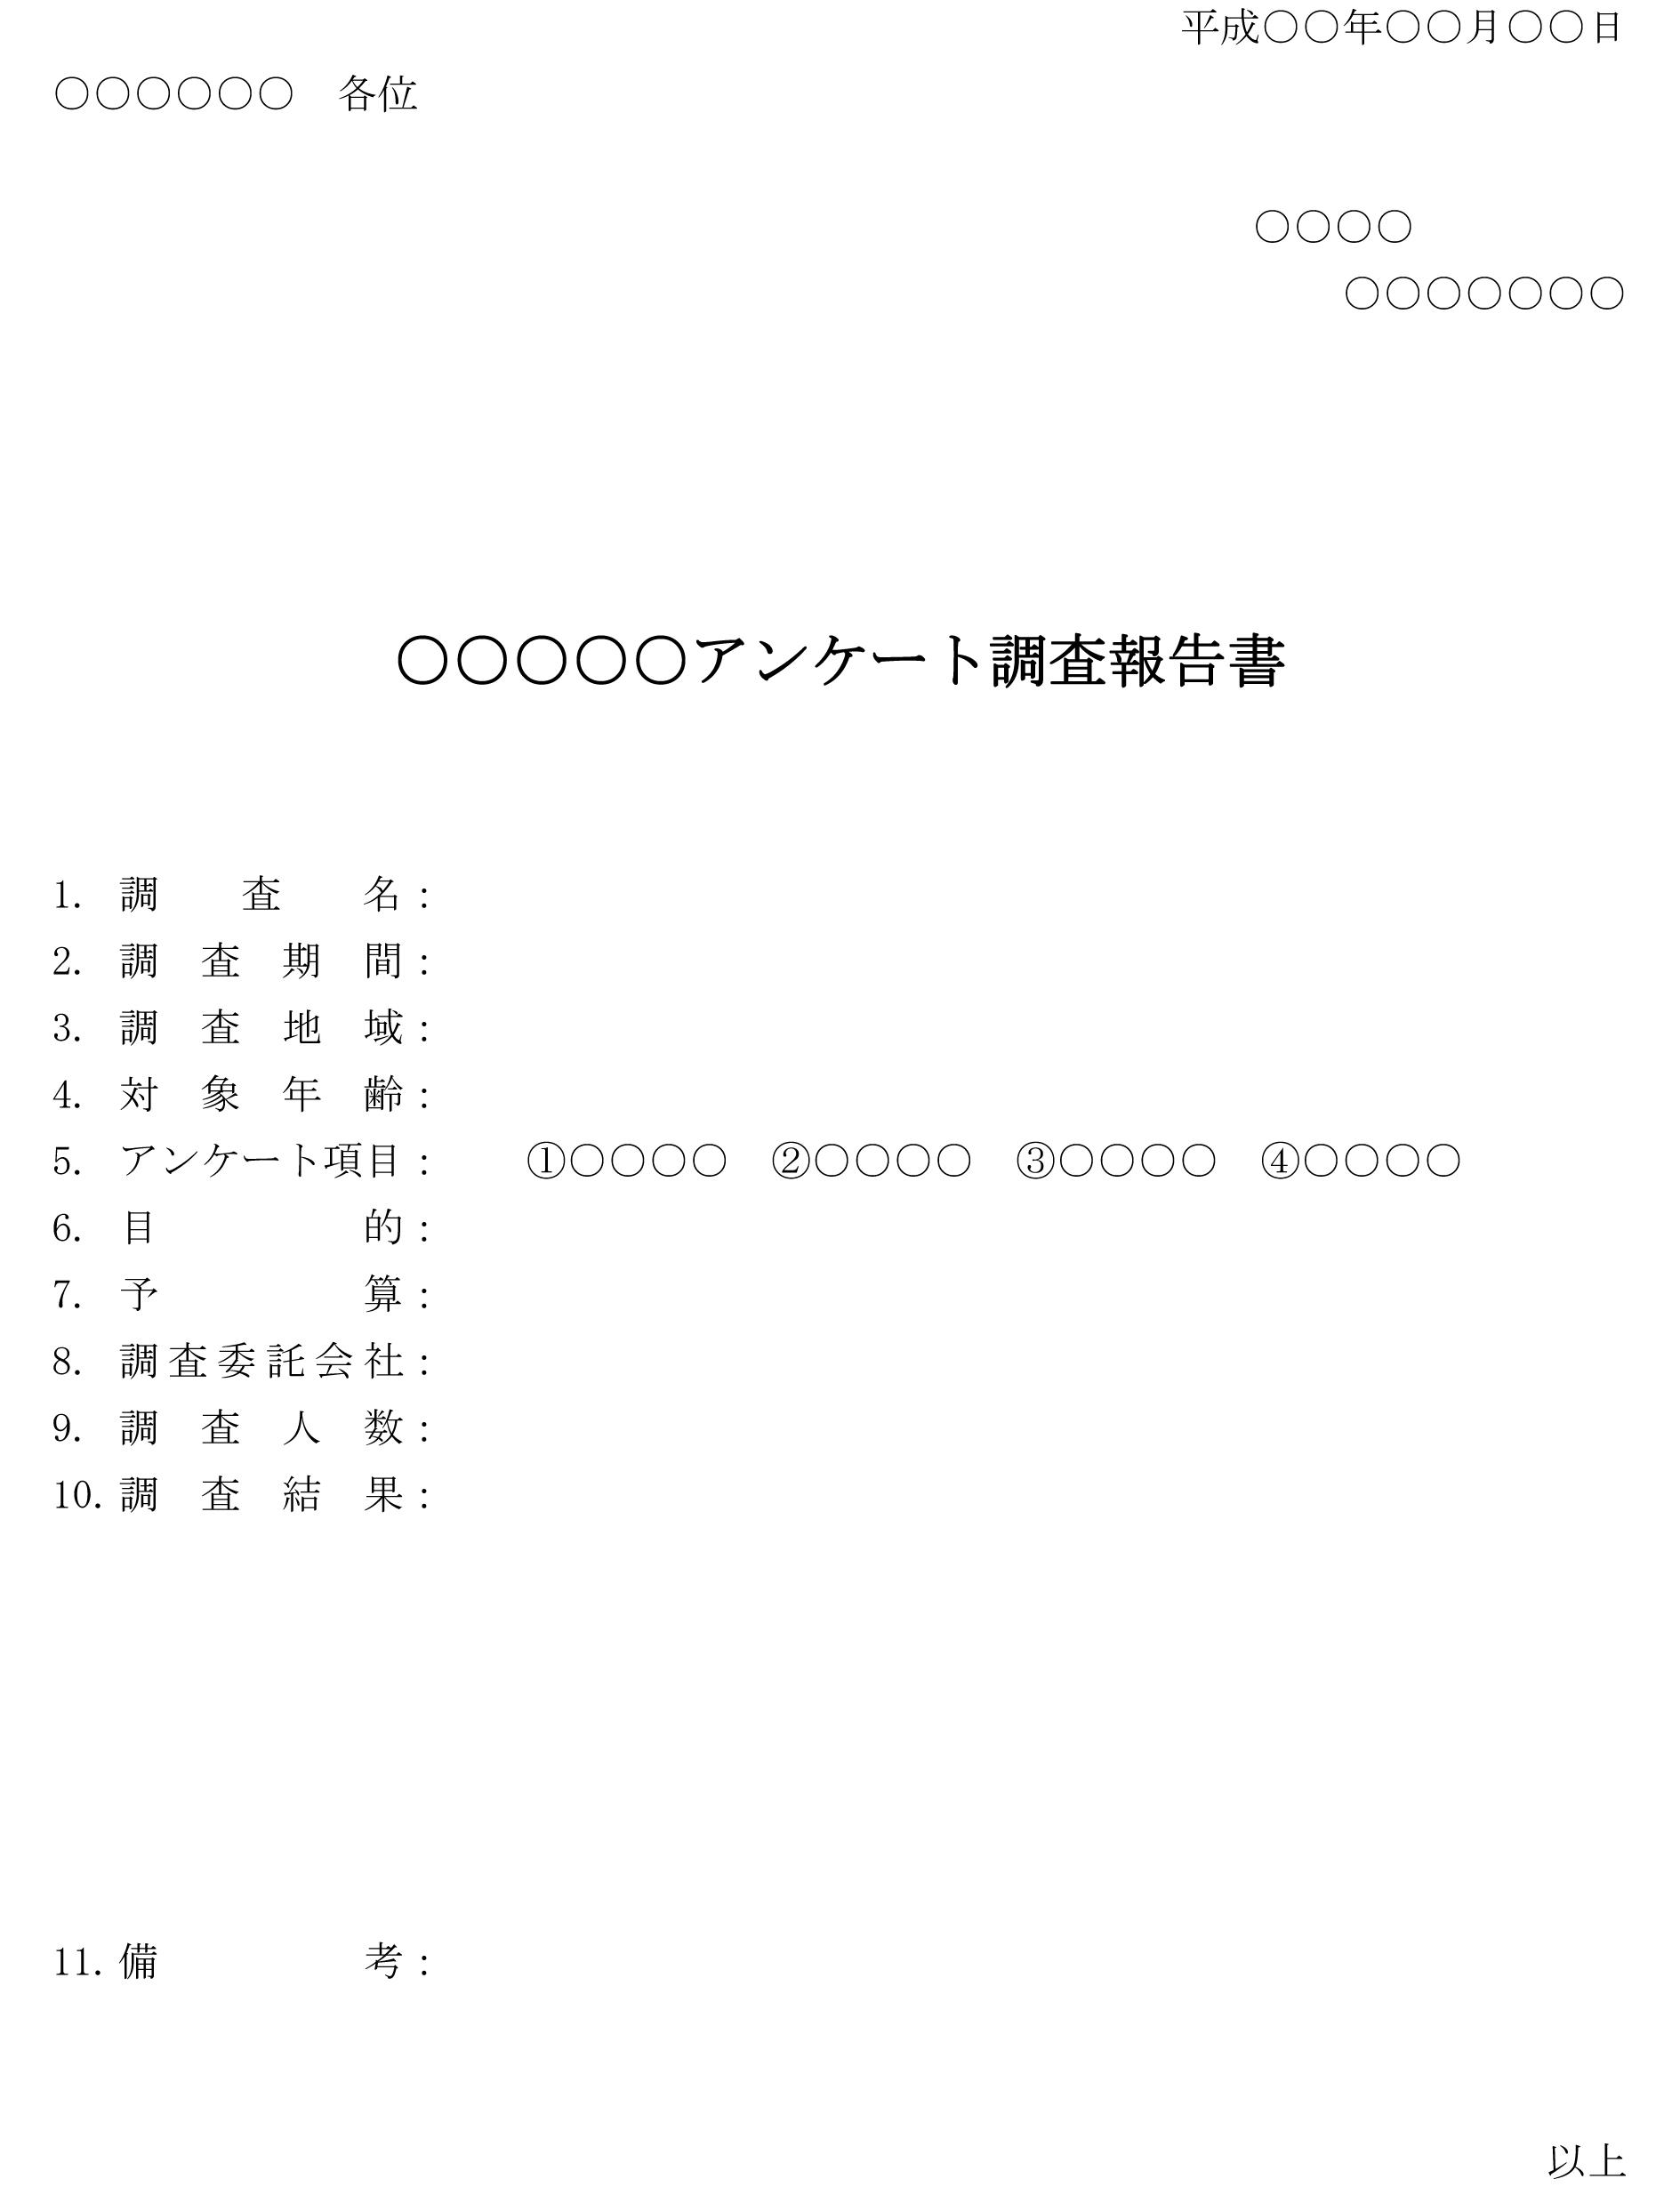 アンケート調査報告書02